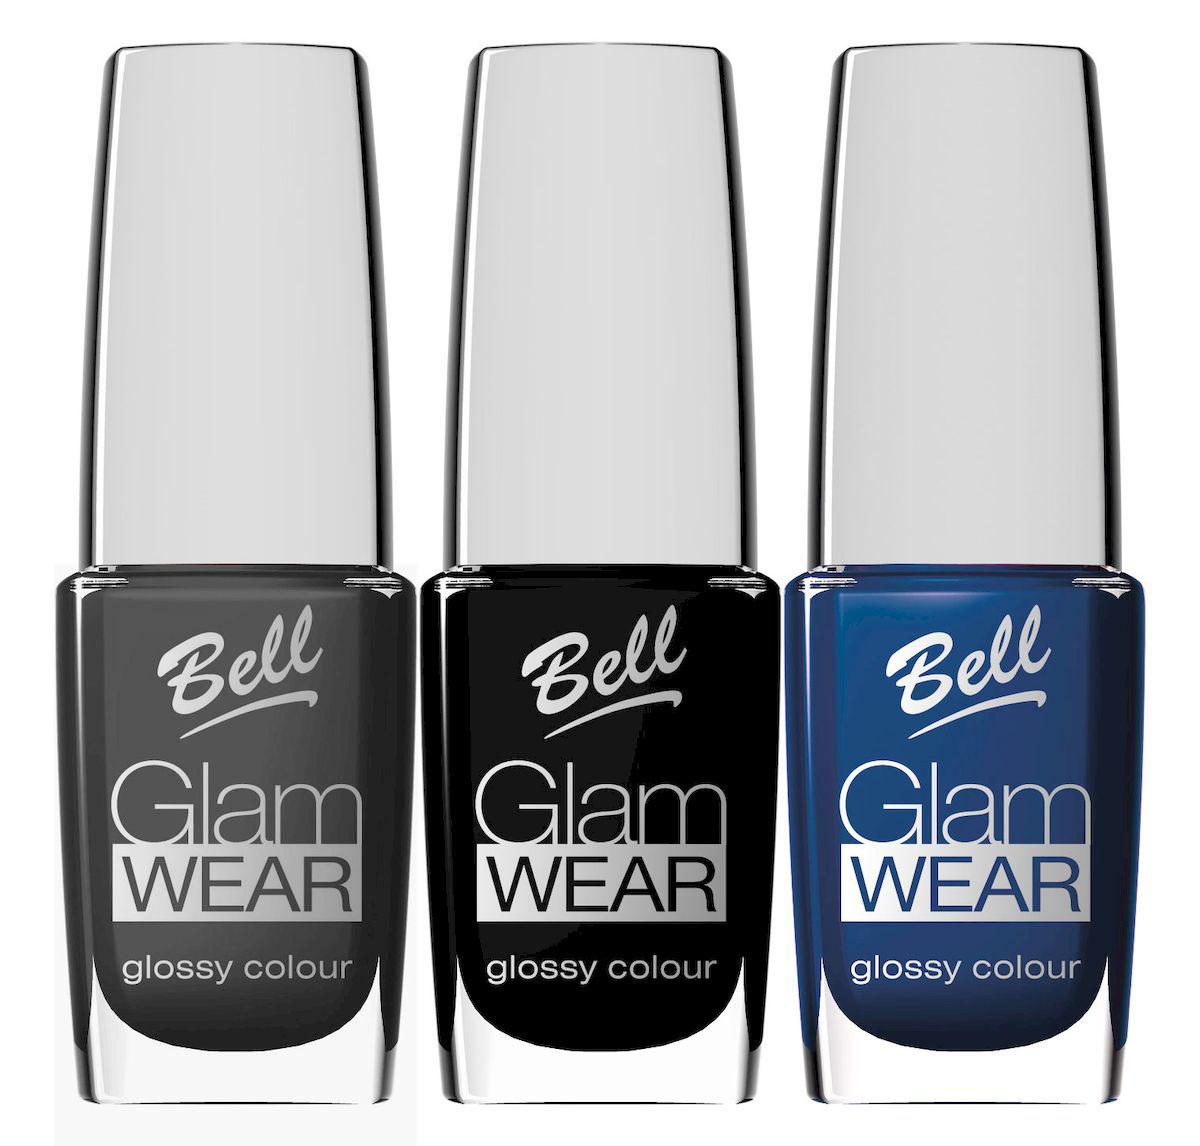 Bell Набор устойчивых лаков для ногтей с глянцевым эффектом Glam Wear Nail: тон №412, тон №503, тон №504, 30 мл